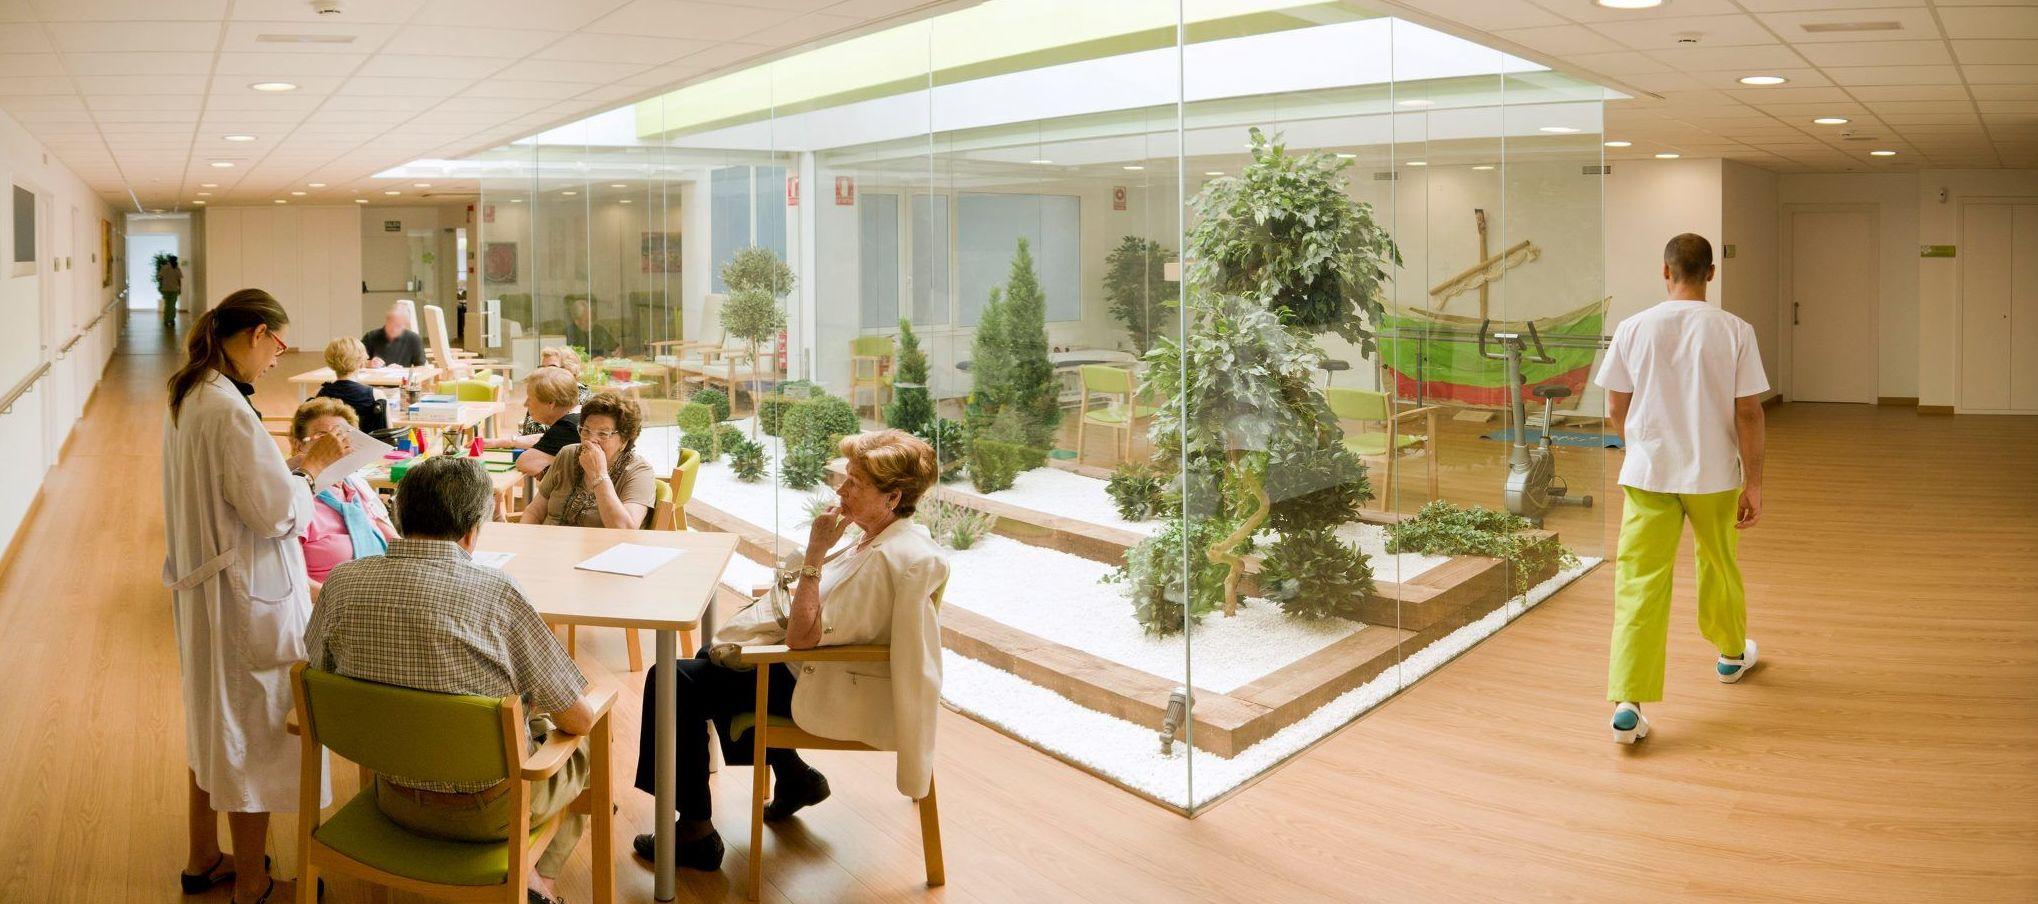 Centro de día para mayores en Sarriá